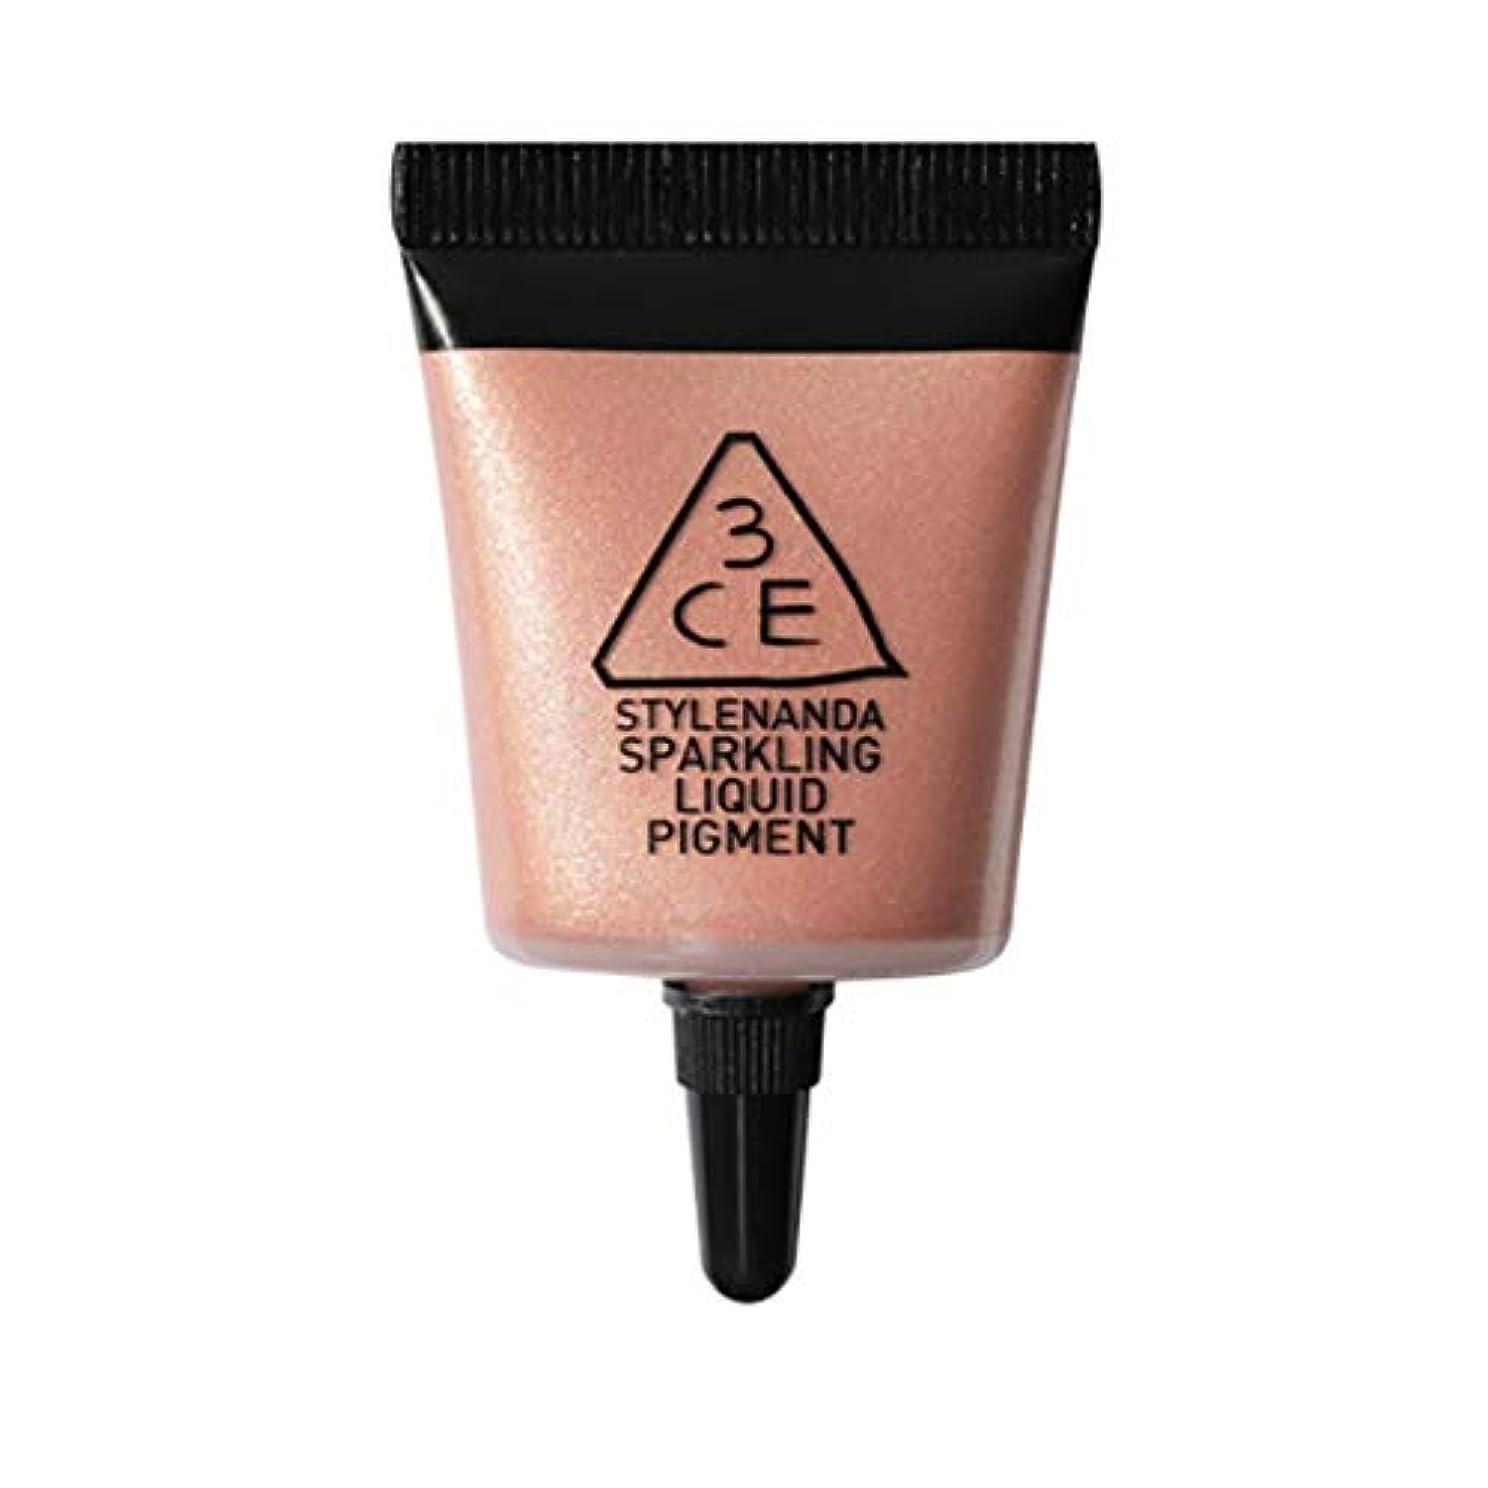 緊張するリッチ熟す[3CE] スパークリング リキッド ピグメント #(Pink Haze) アイシャドー Sparkling Liquid Pigment - Glow Liquid Glitter Eyeshadow Korean Cosmetics...